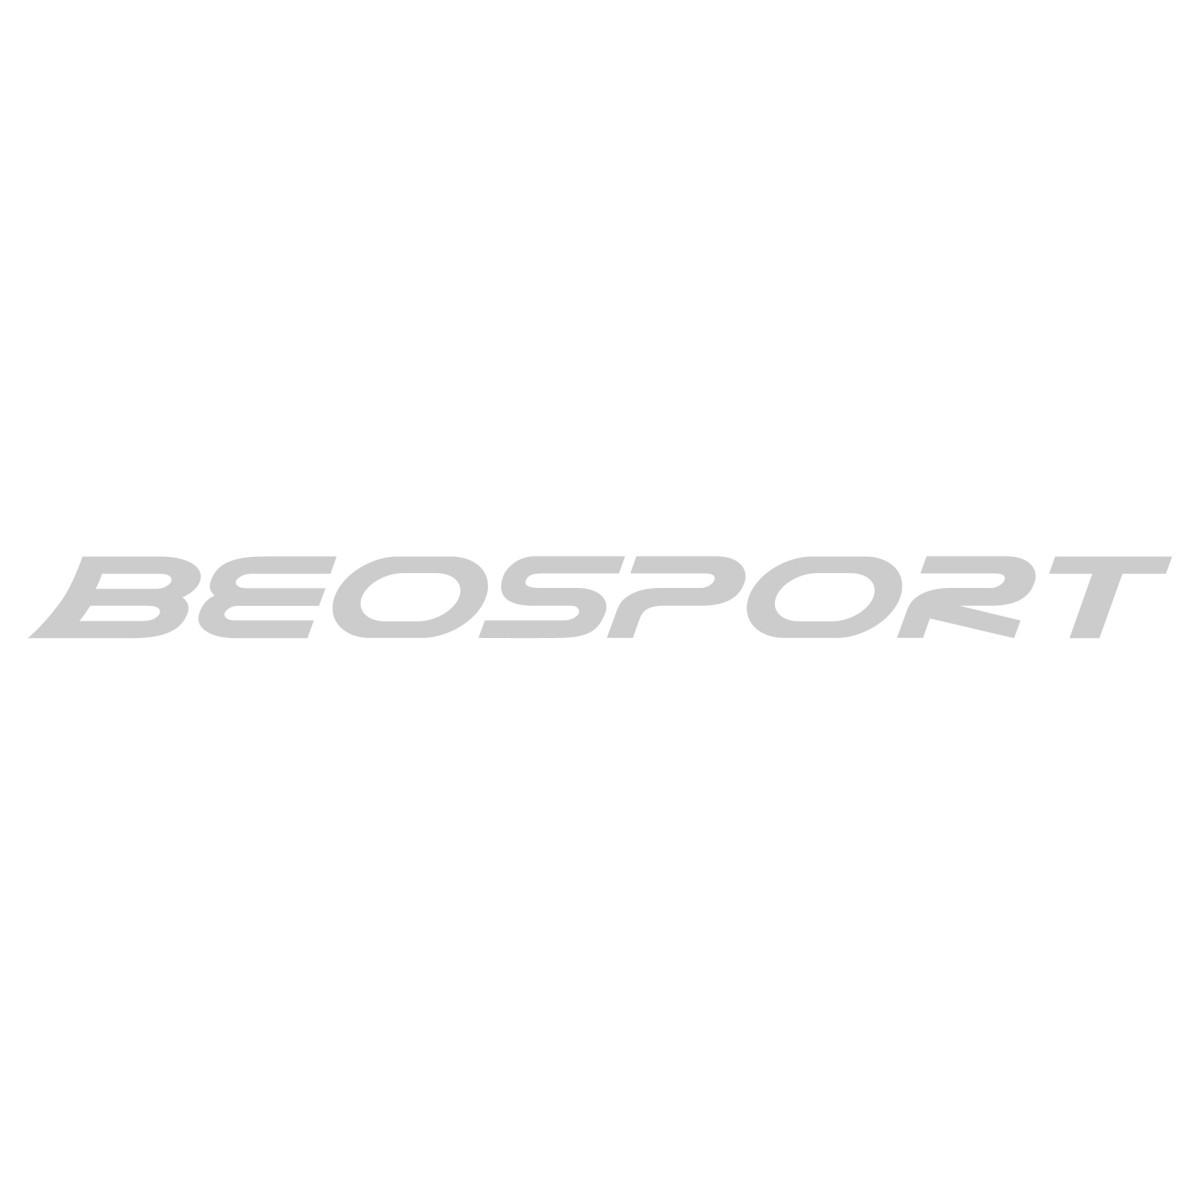 Skechers Delson- Fonzo cipele